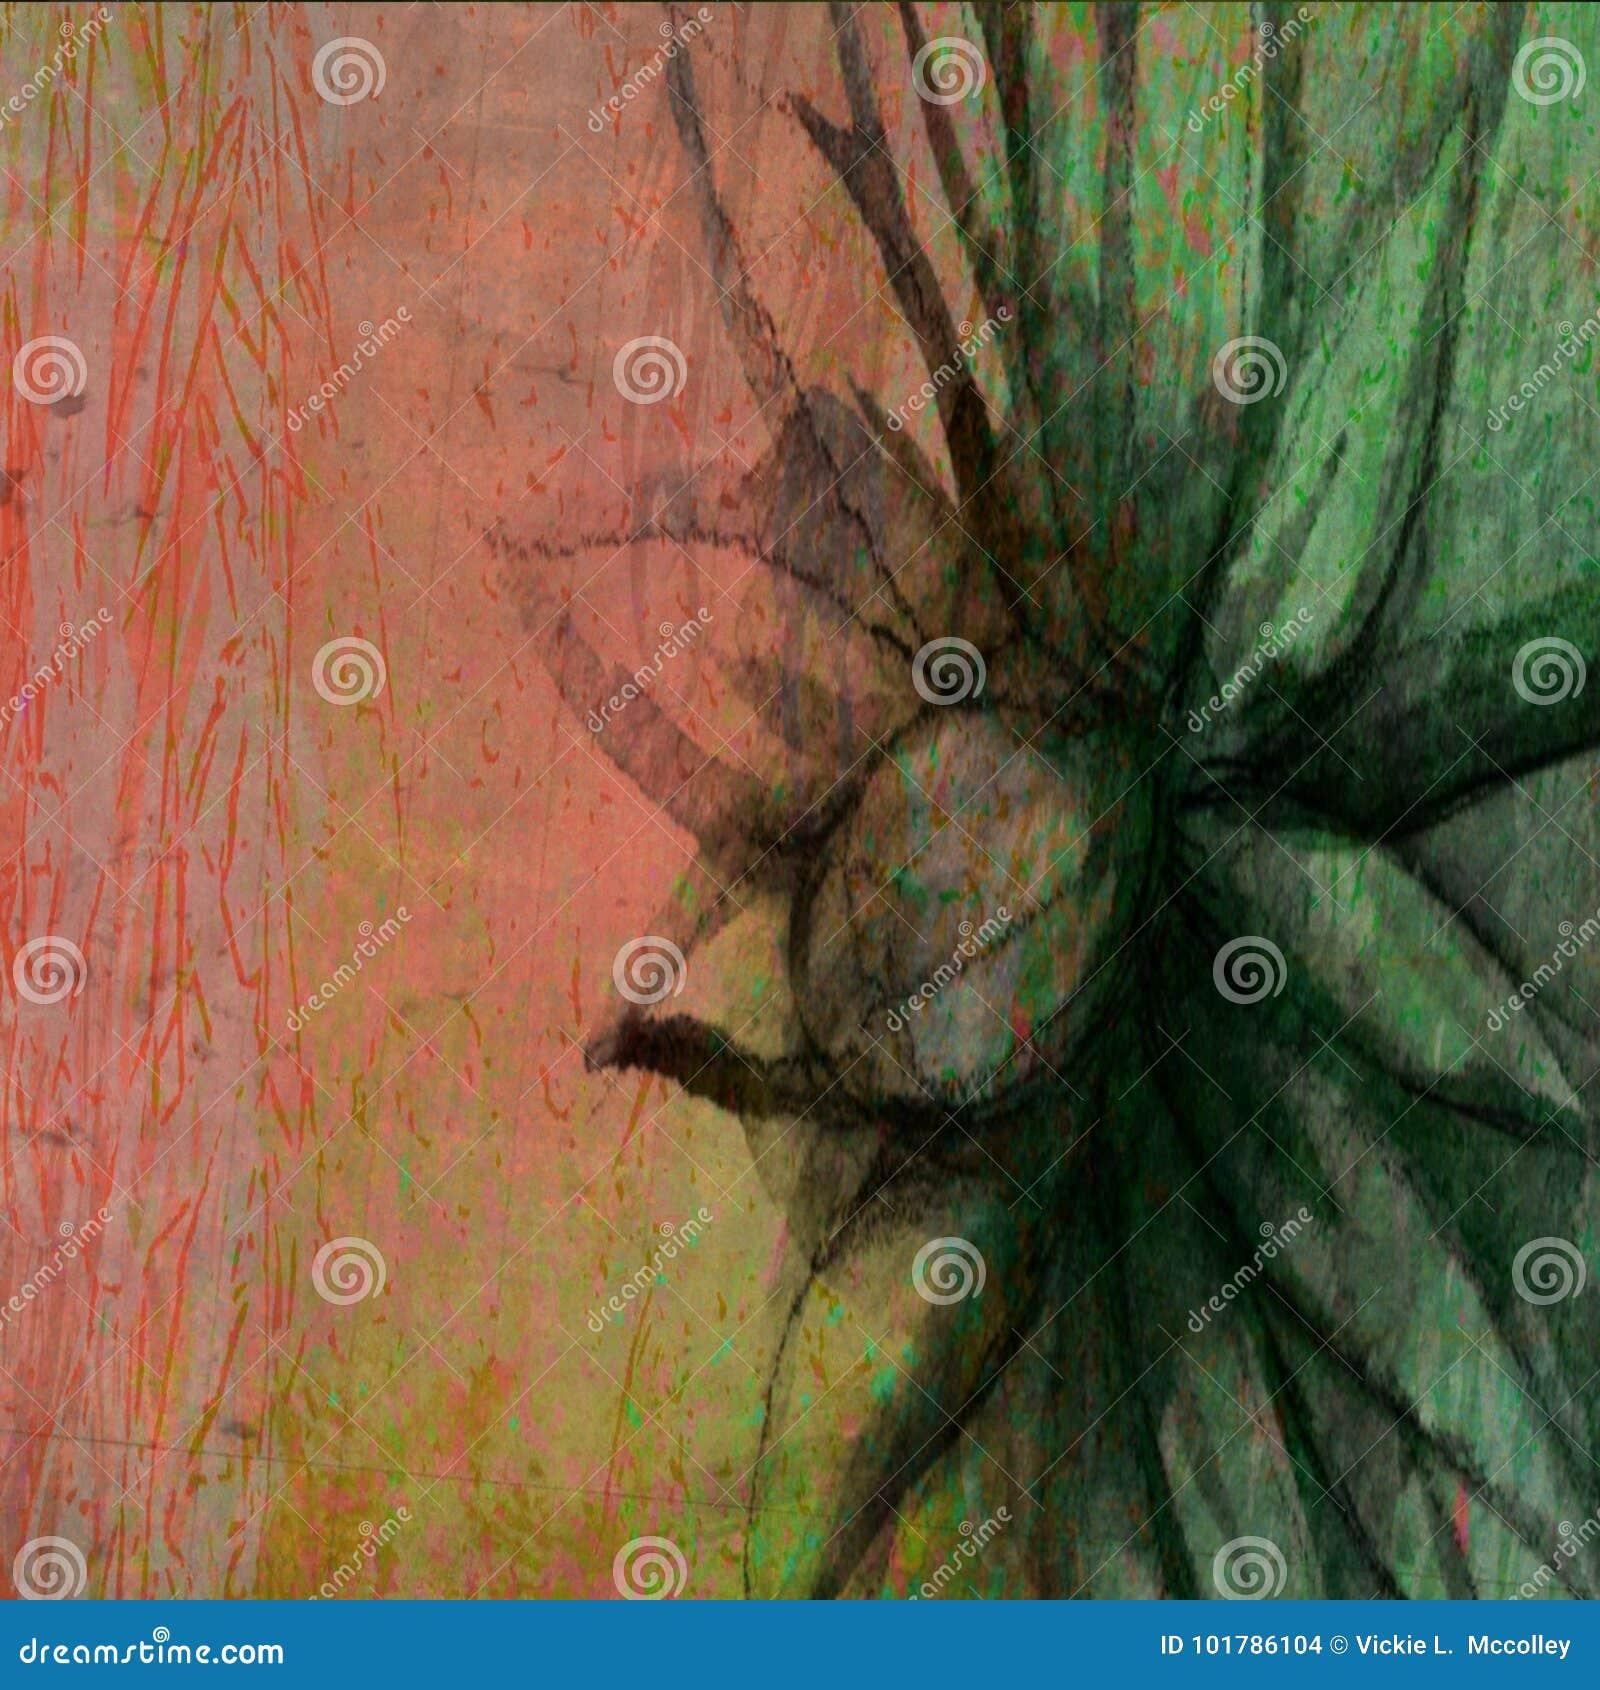 Tinta colorida de madeira Daisy Sketch Designs Backdrop floral